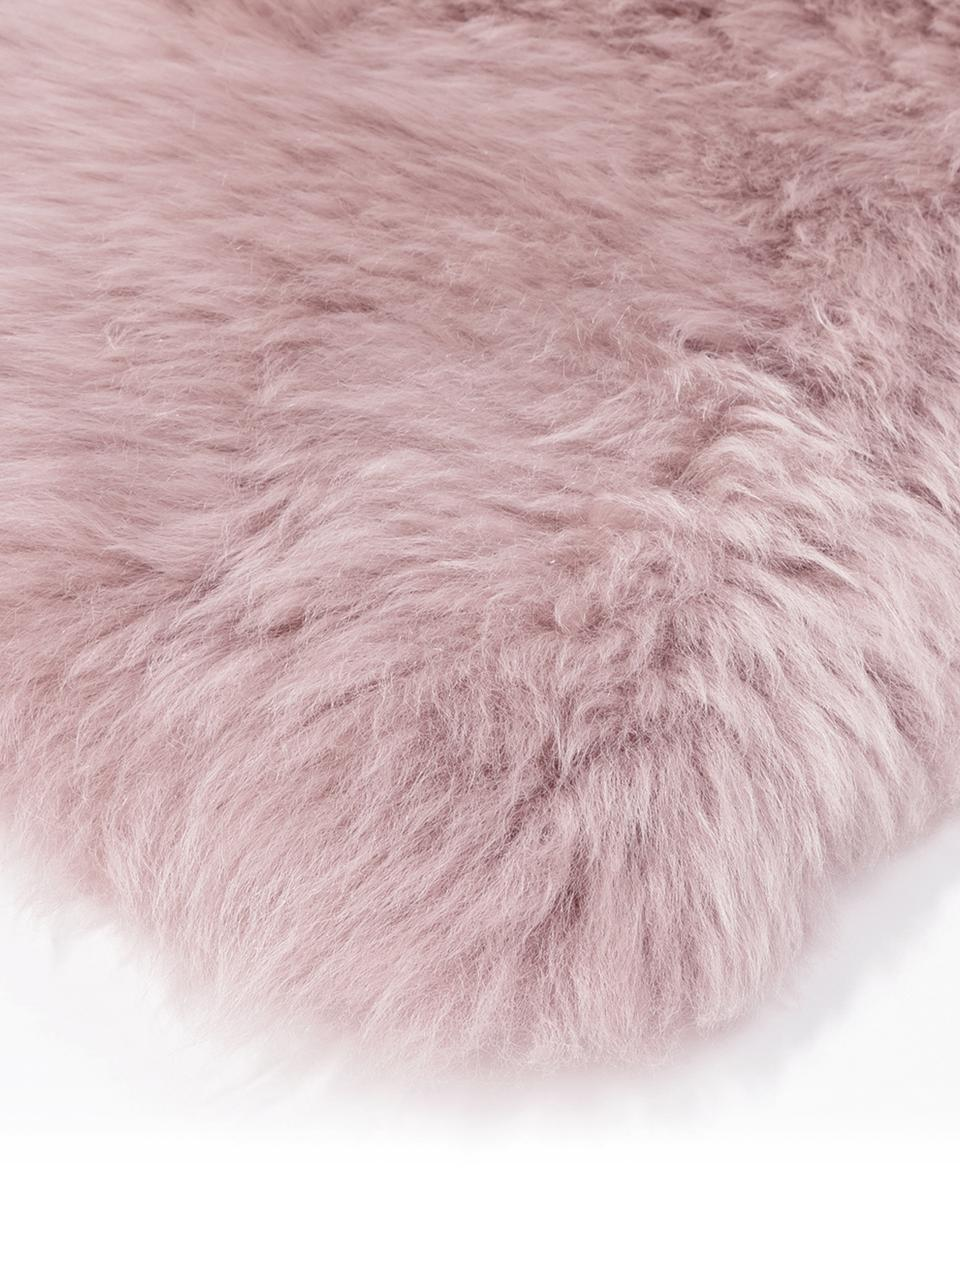 Pelliccia di pecora Oslo, Retro: 100% pelle, rivestito sen, Rosa, Larg. 60 x Lung. 90 cm